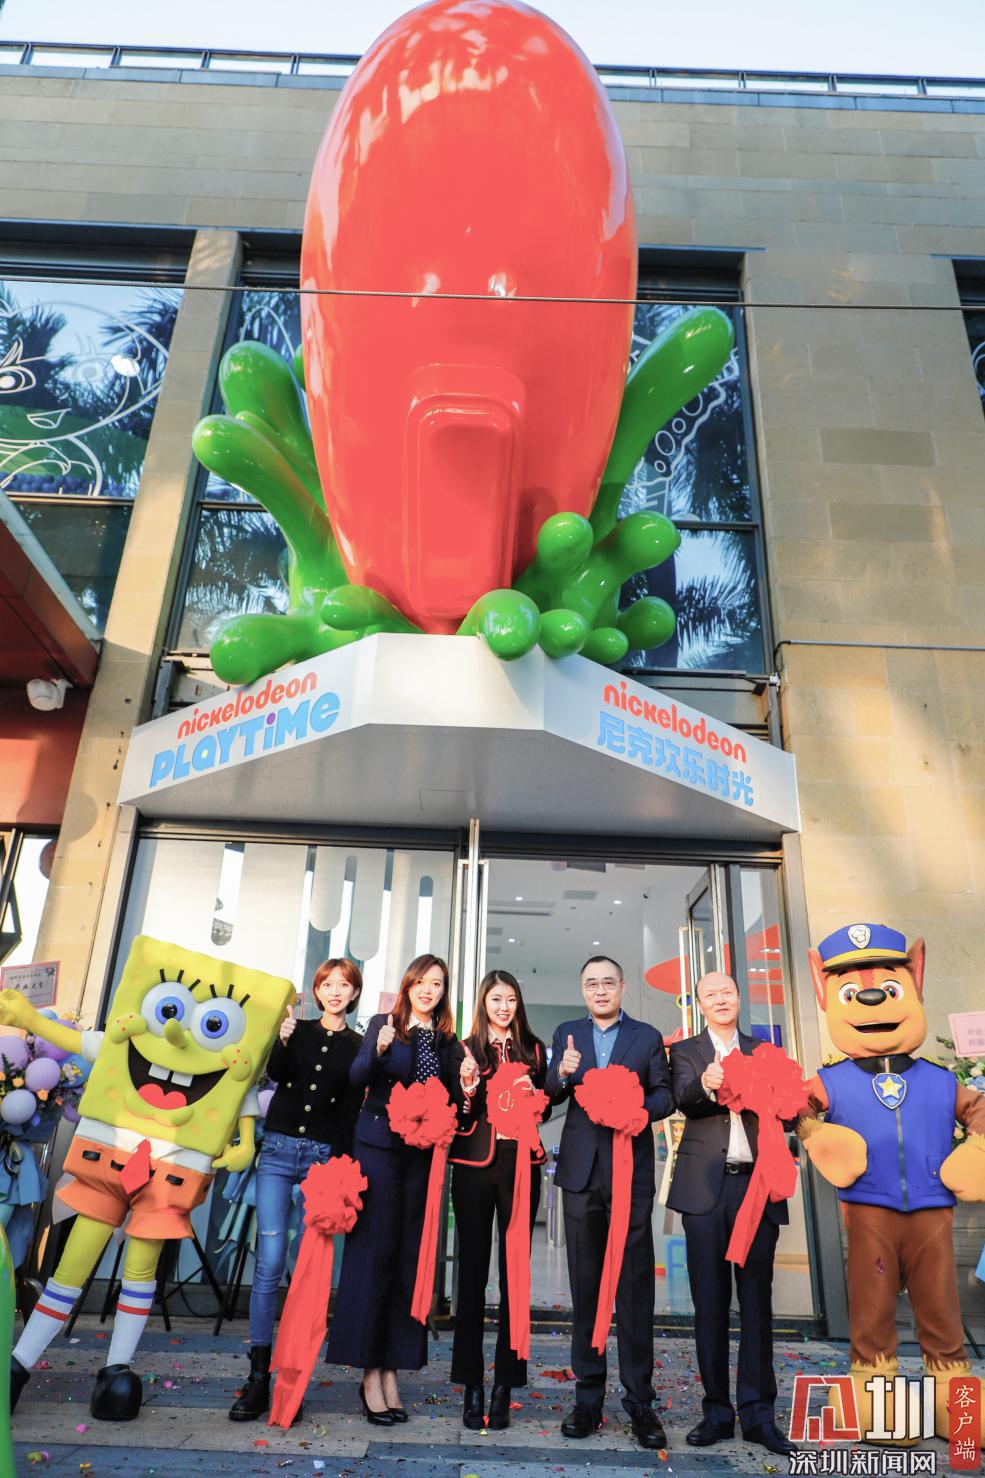 尼克品牌亚洲首家家庭娱乐中心盛大开业